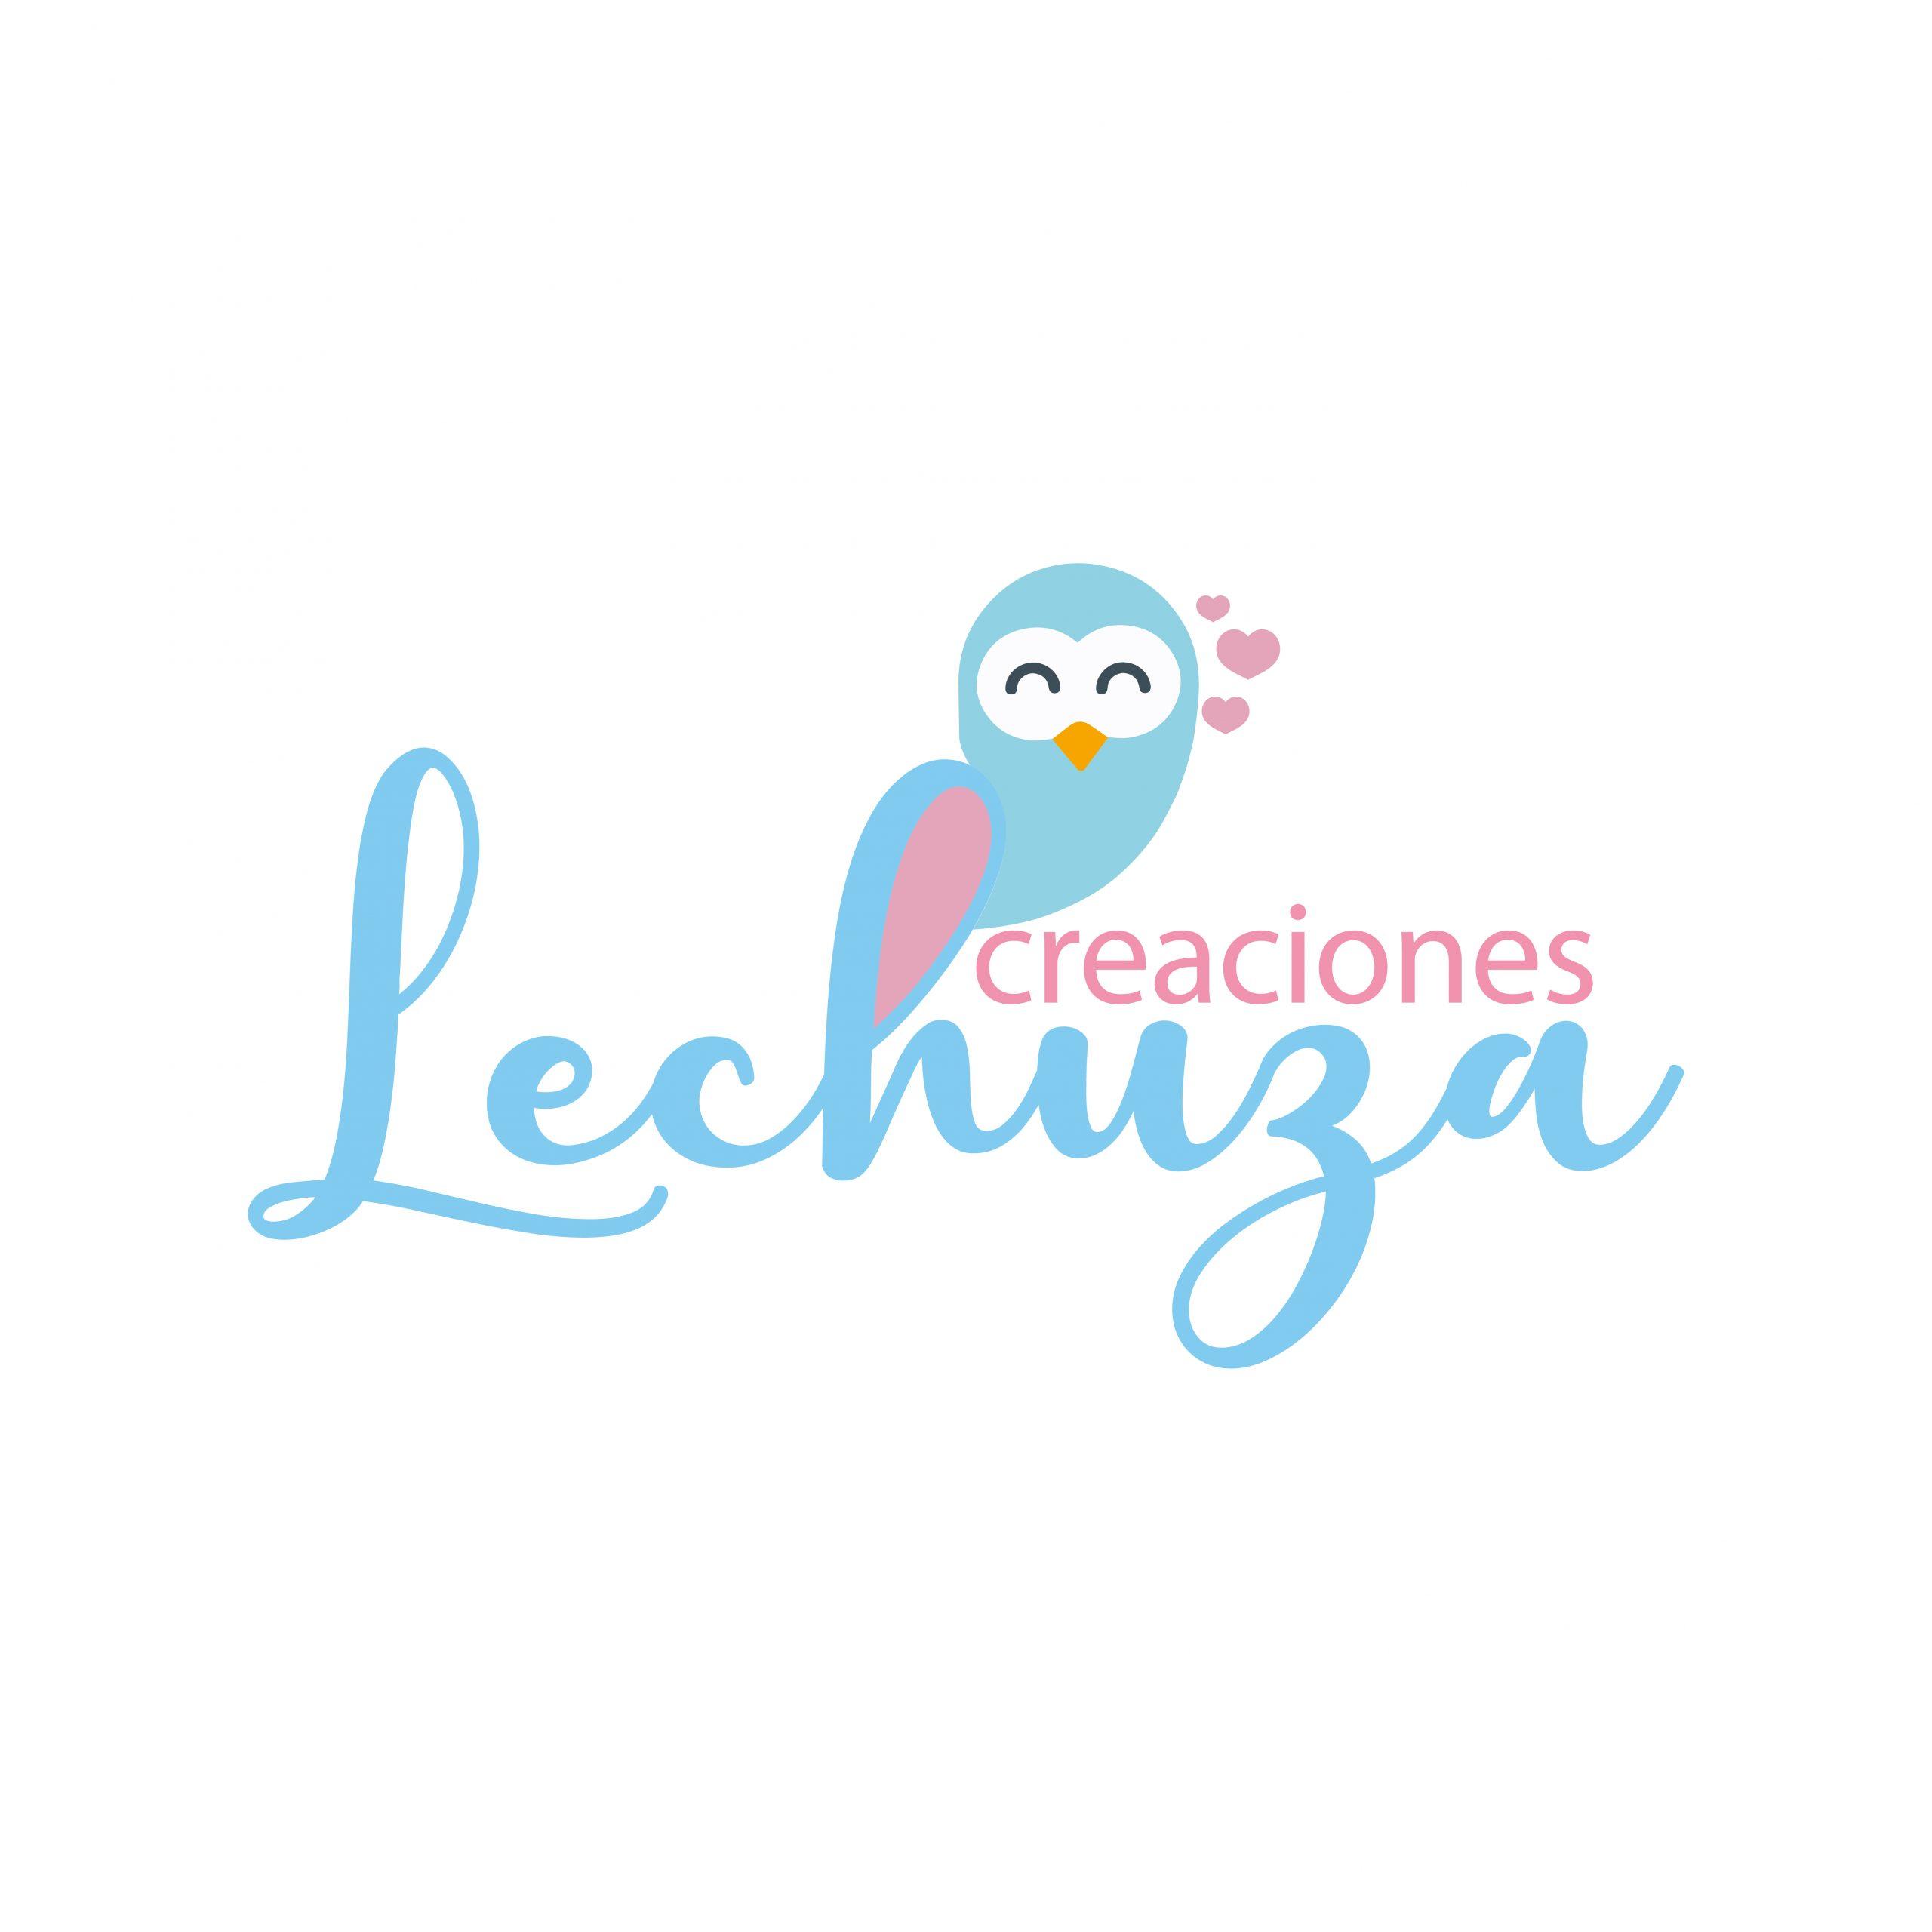 creaciones lechuza logo